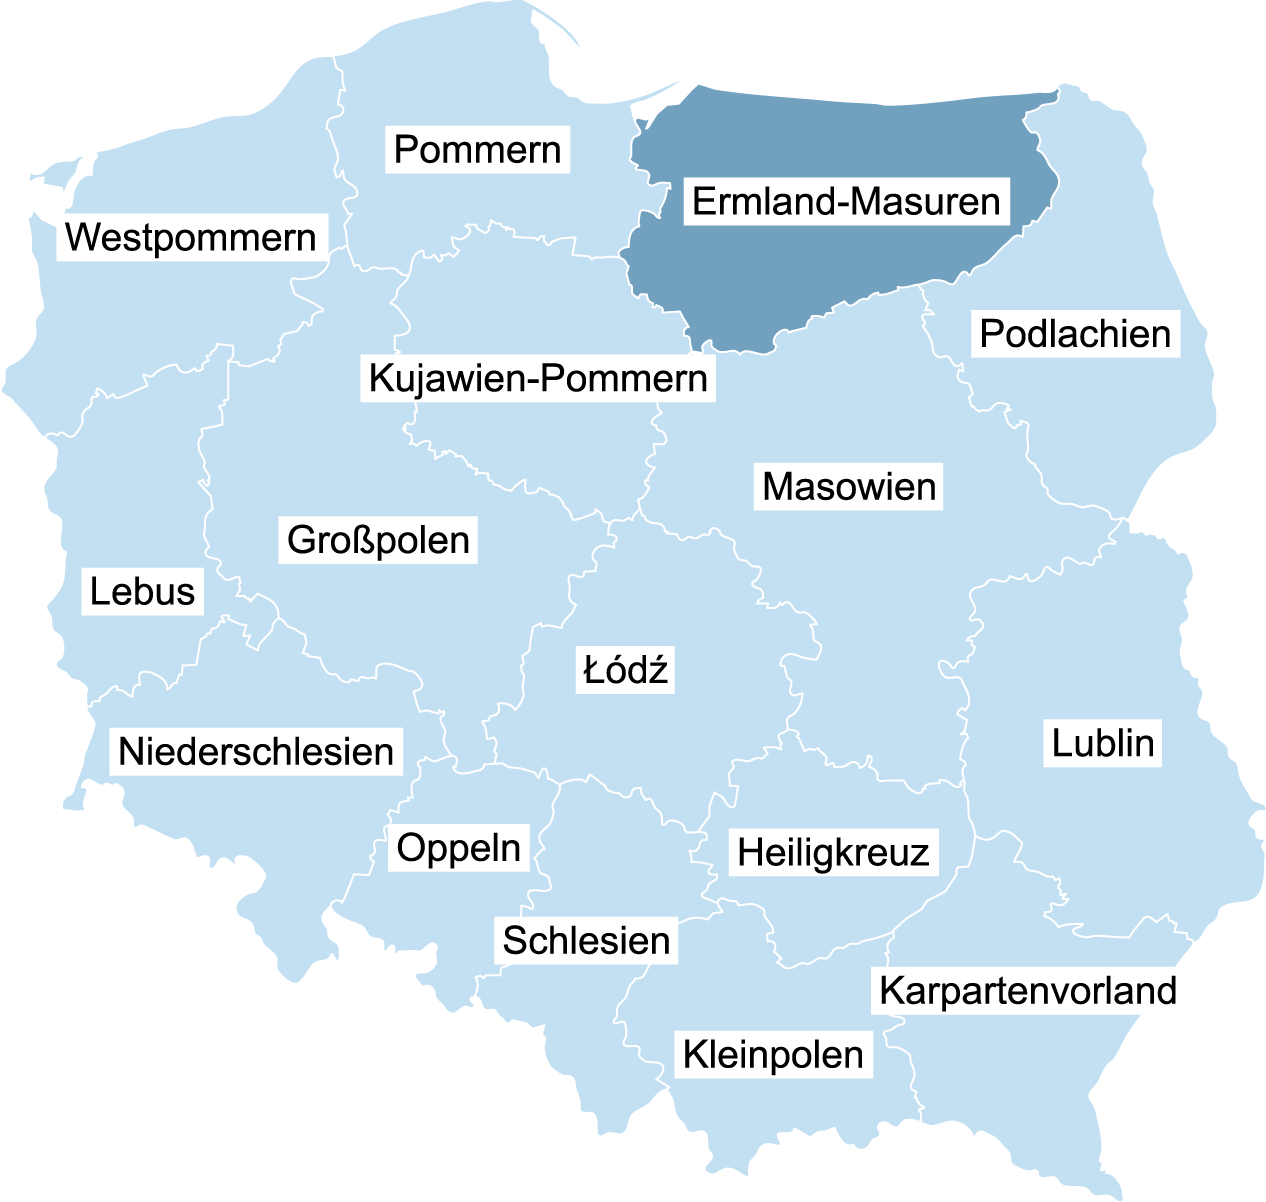 Landkarte von Polen mit der eingezeichneten Wojewodschaft Ermland-Masuren